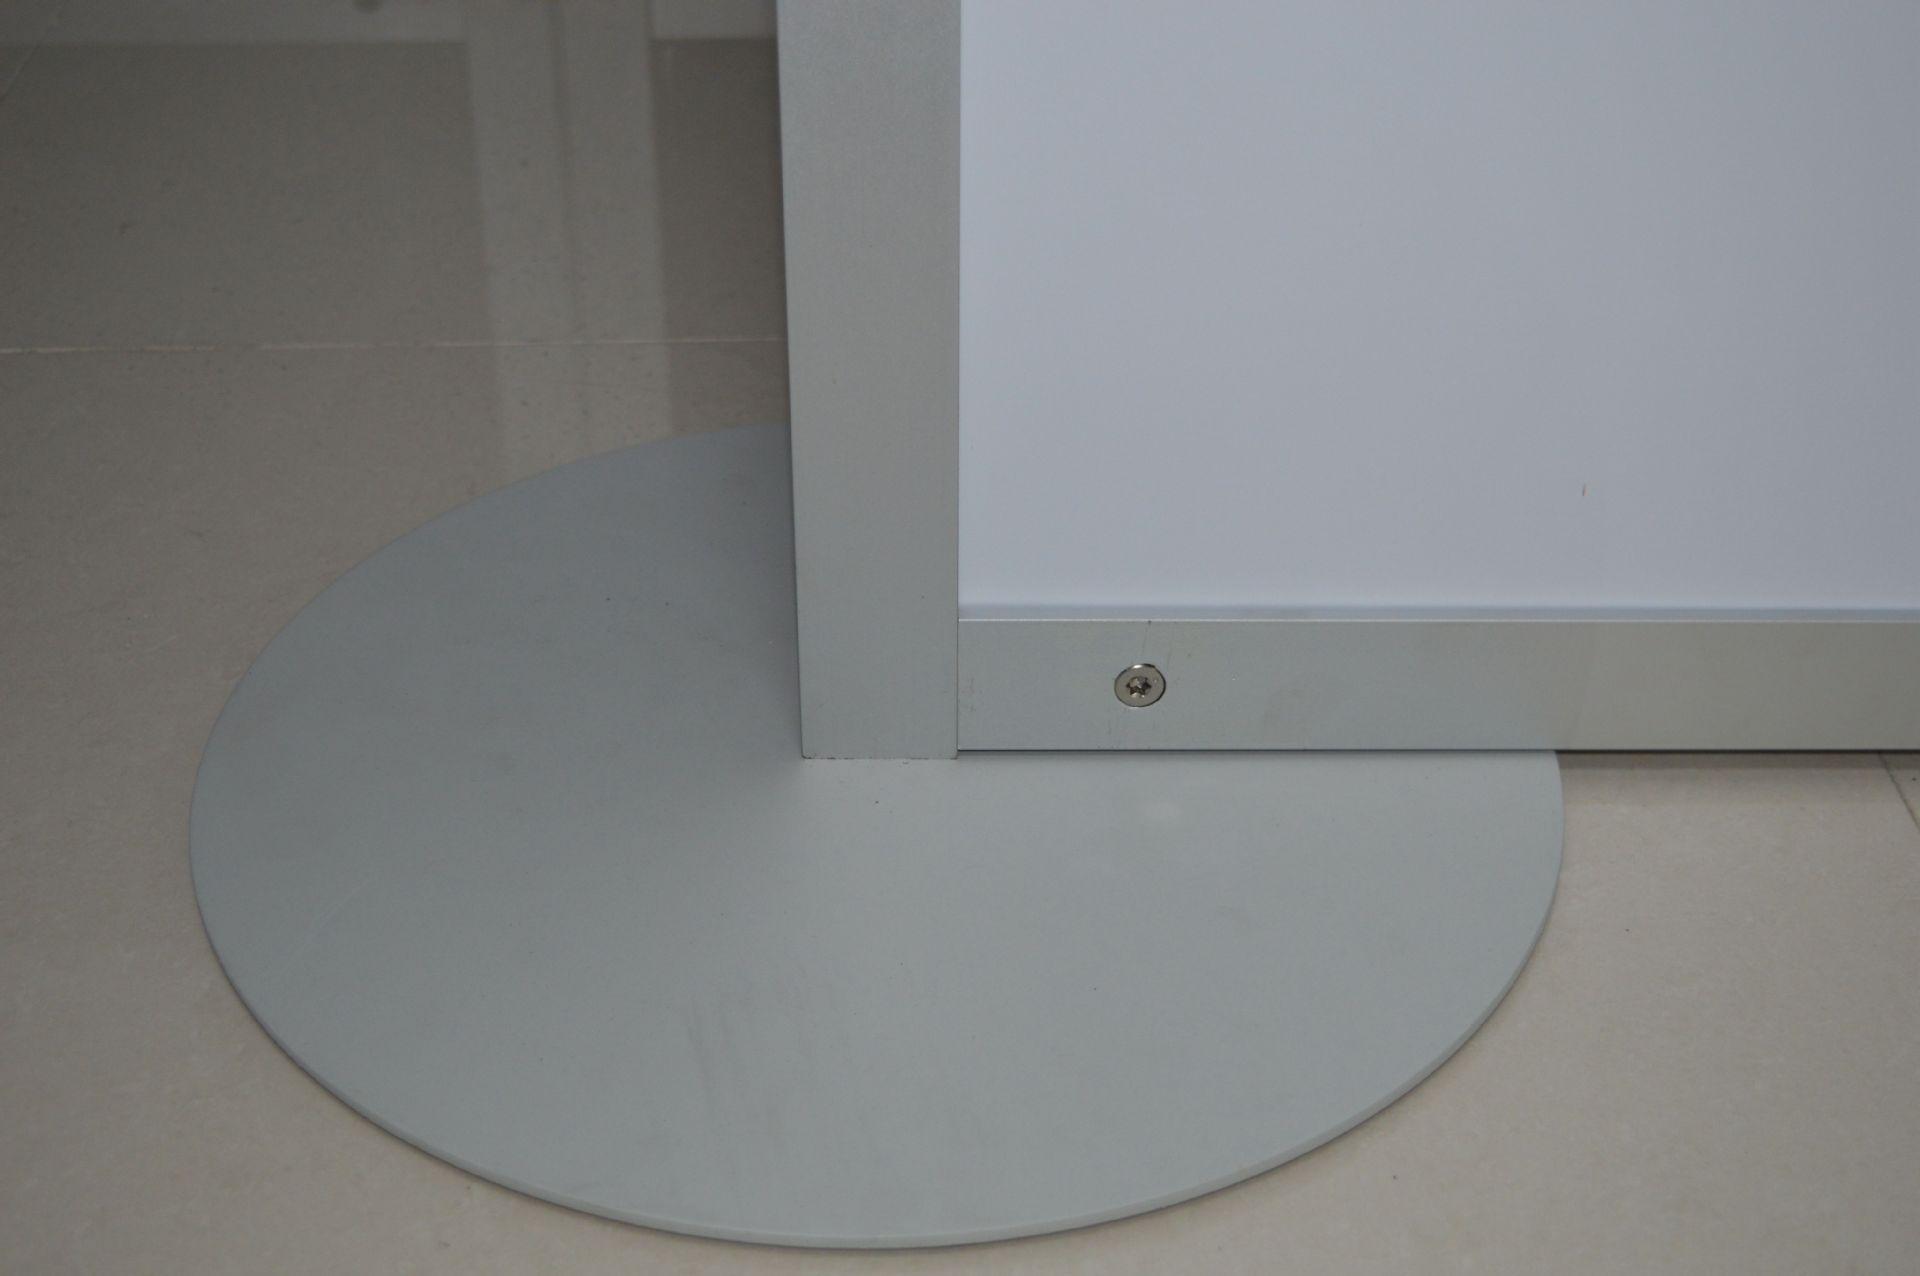 sinsbo铝合金圆盘不锈钢底座八棱柱大底盘固定铝型材制作厂家